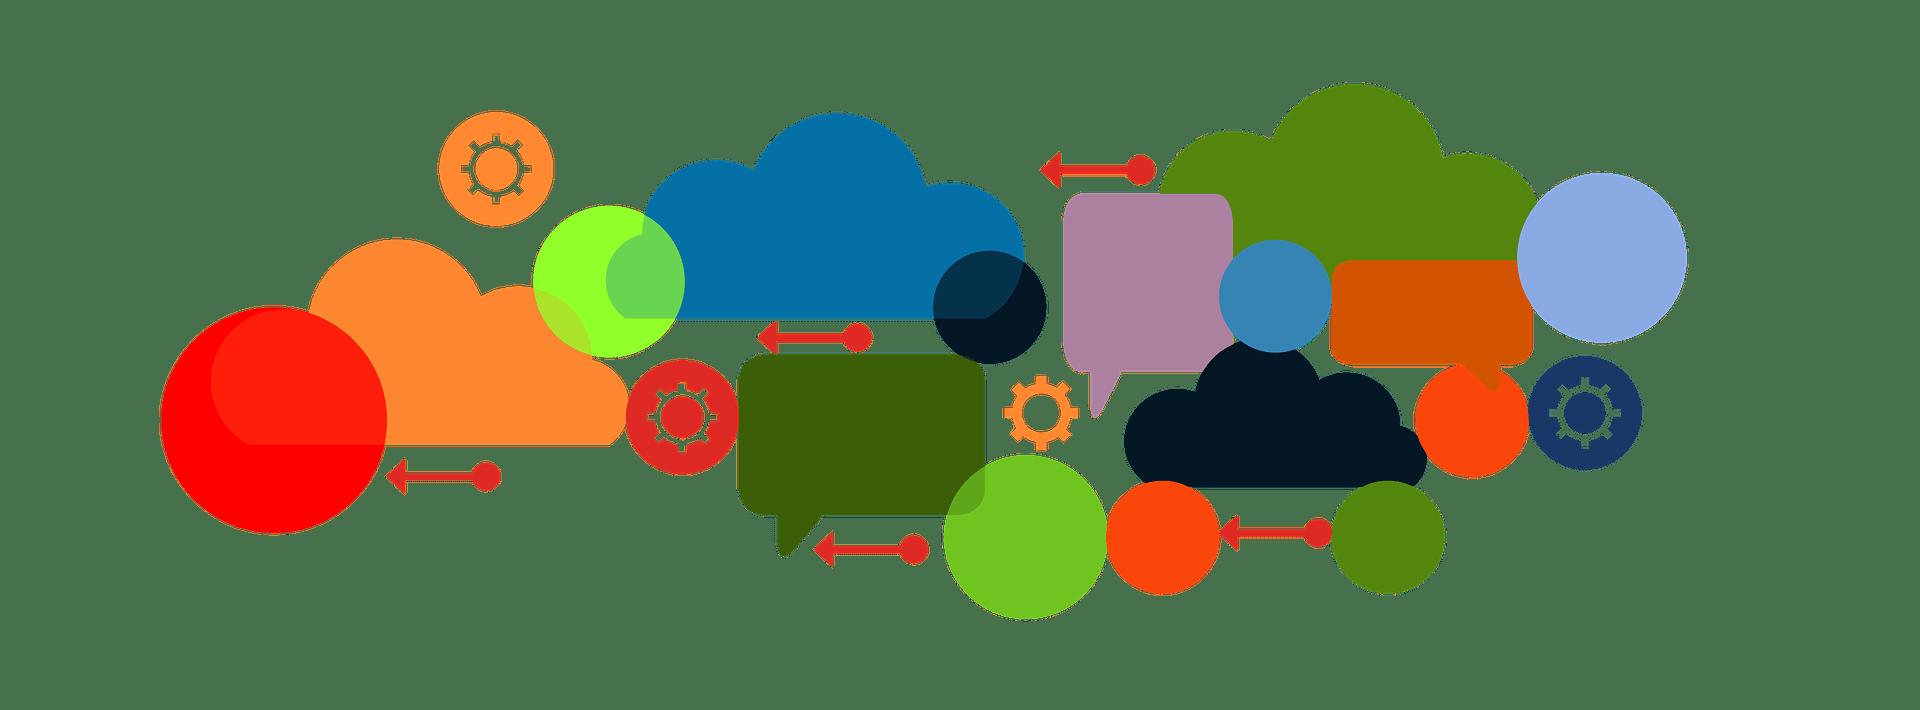 الجديد في تكنولوجيا التعليم: تعرف على 3 من أهم تقنيات التعليم في 2018